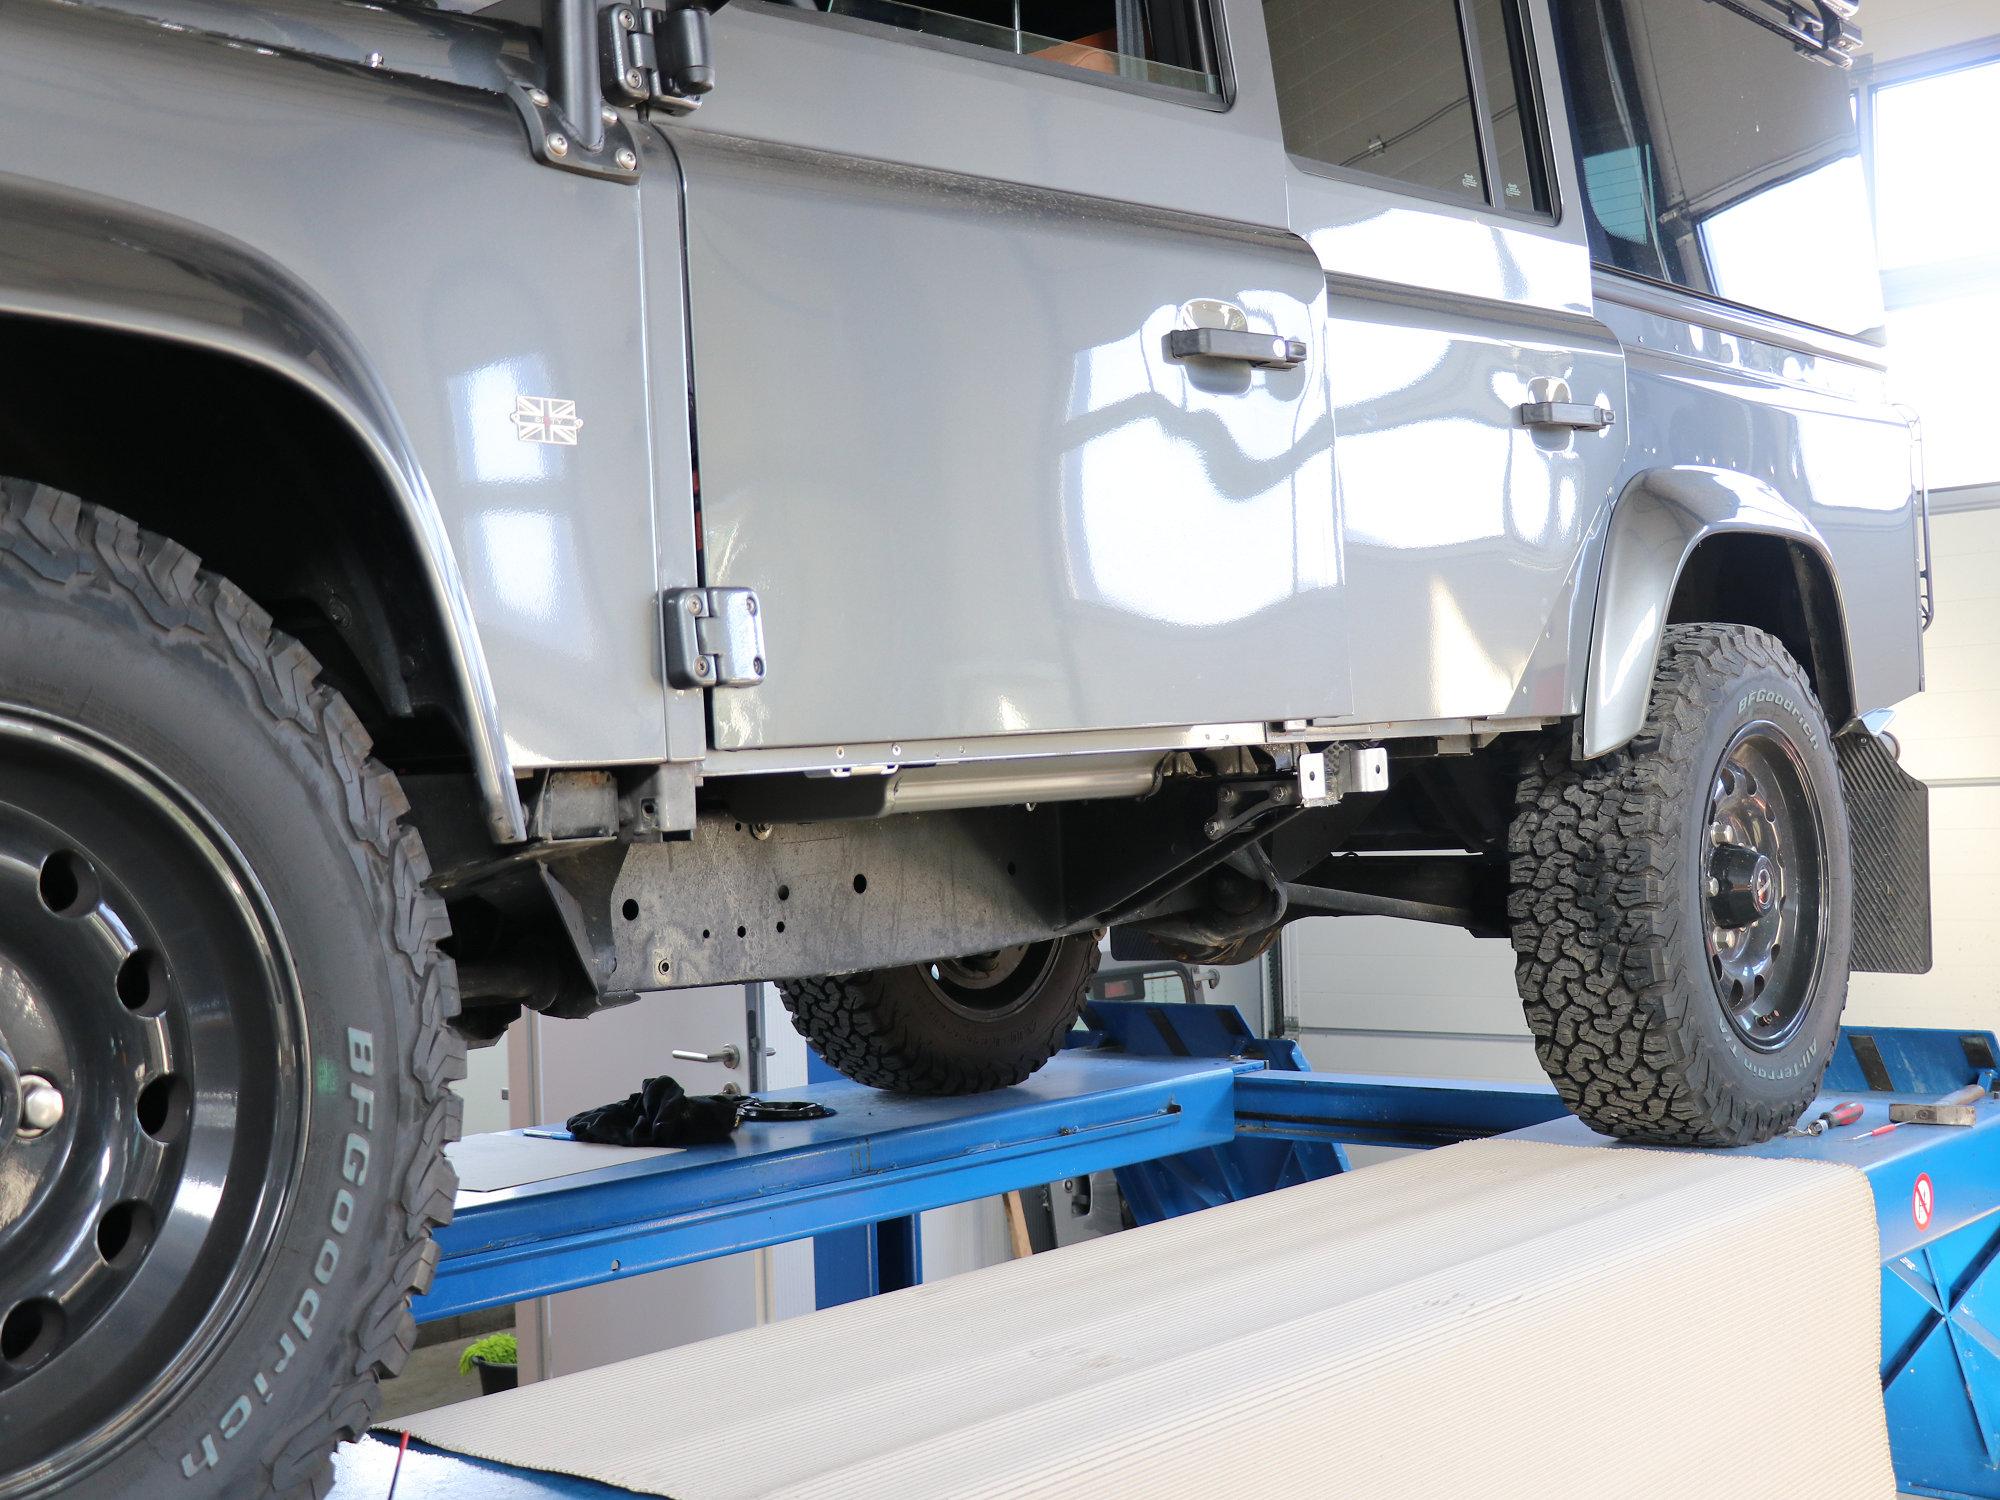 Seitenaufprallschutz Land Rover Defender.002